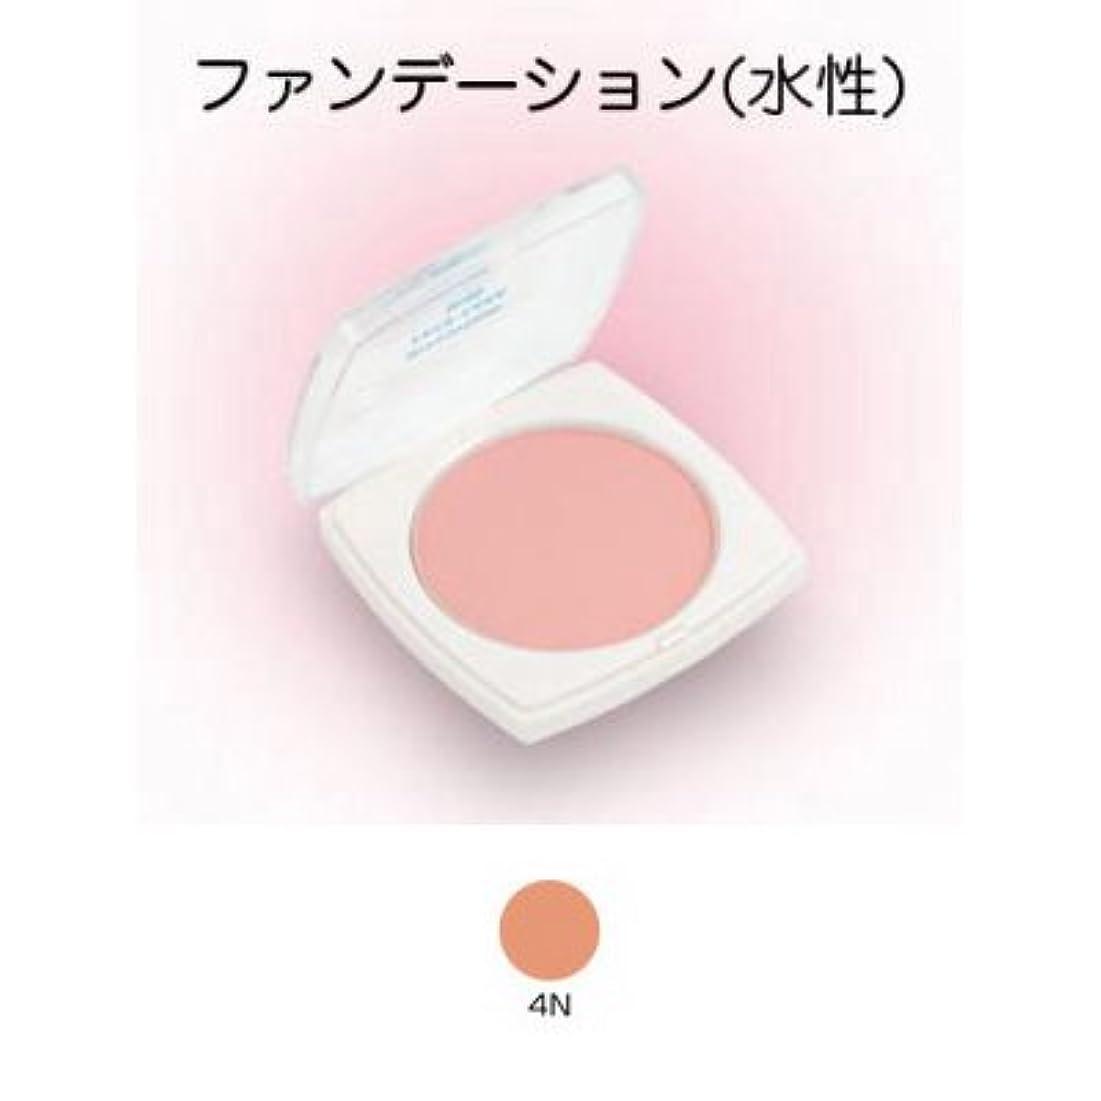 ディスコ治療うるさいフェースケーキ ミニ 17g 4N 【三善】